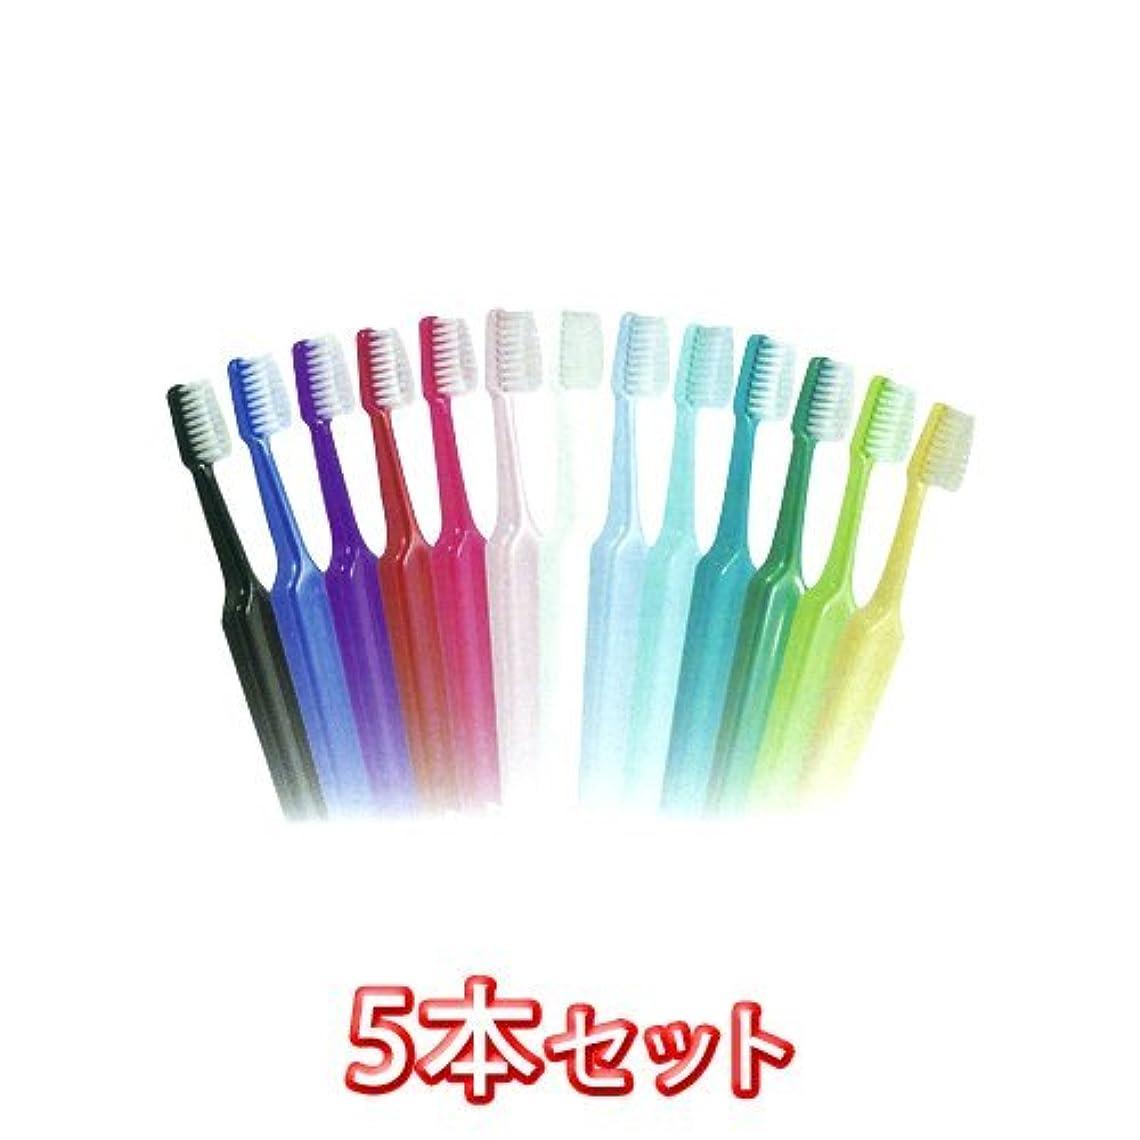 操作ジュース夫クロスフィールド TePe テペセレクトコンパクト 歯ブラシ × 5本入 コンパクトソフト